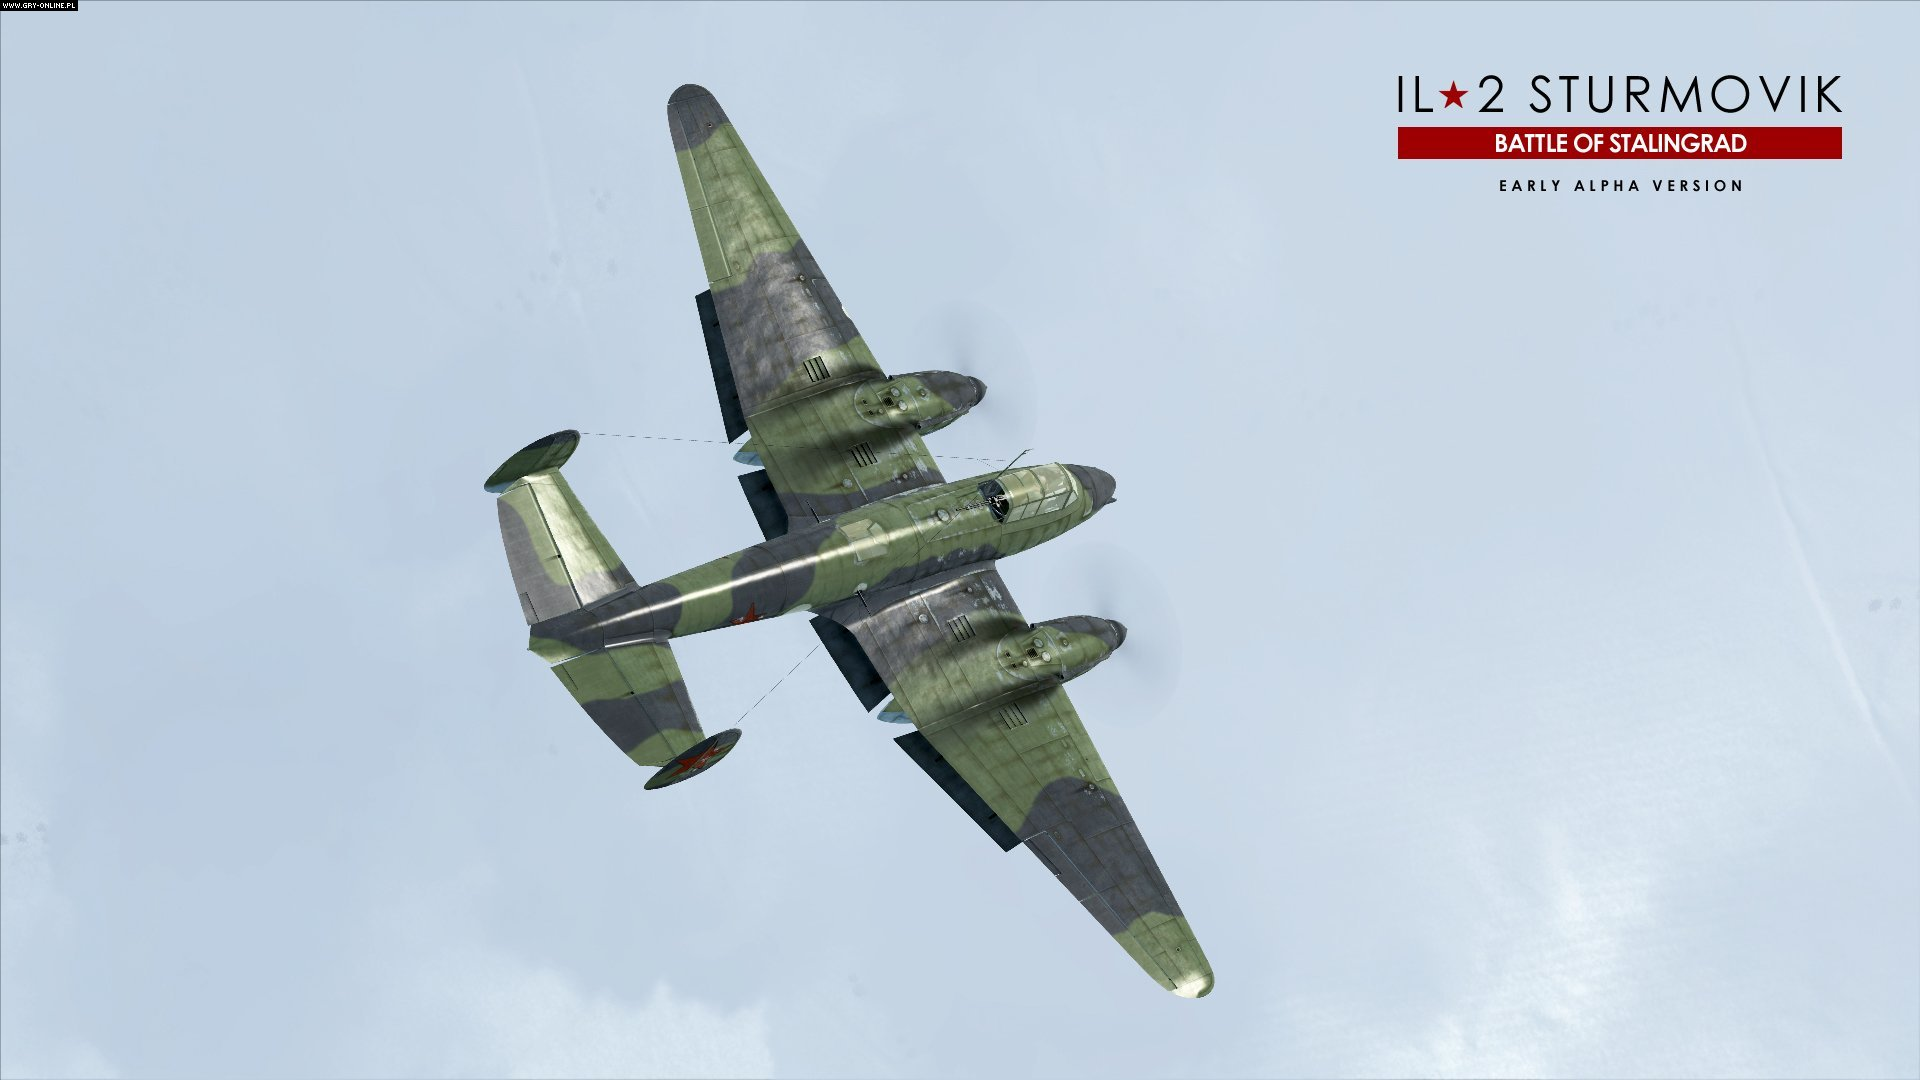 捍卫雄鹰IL-2:斯大林格勒战役 官方中文版